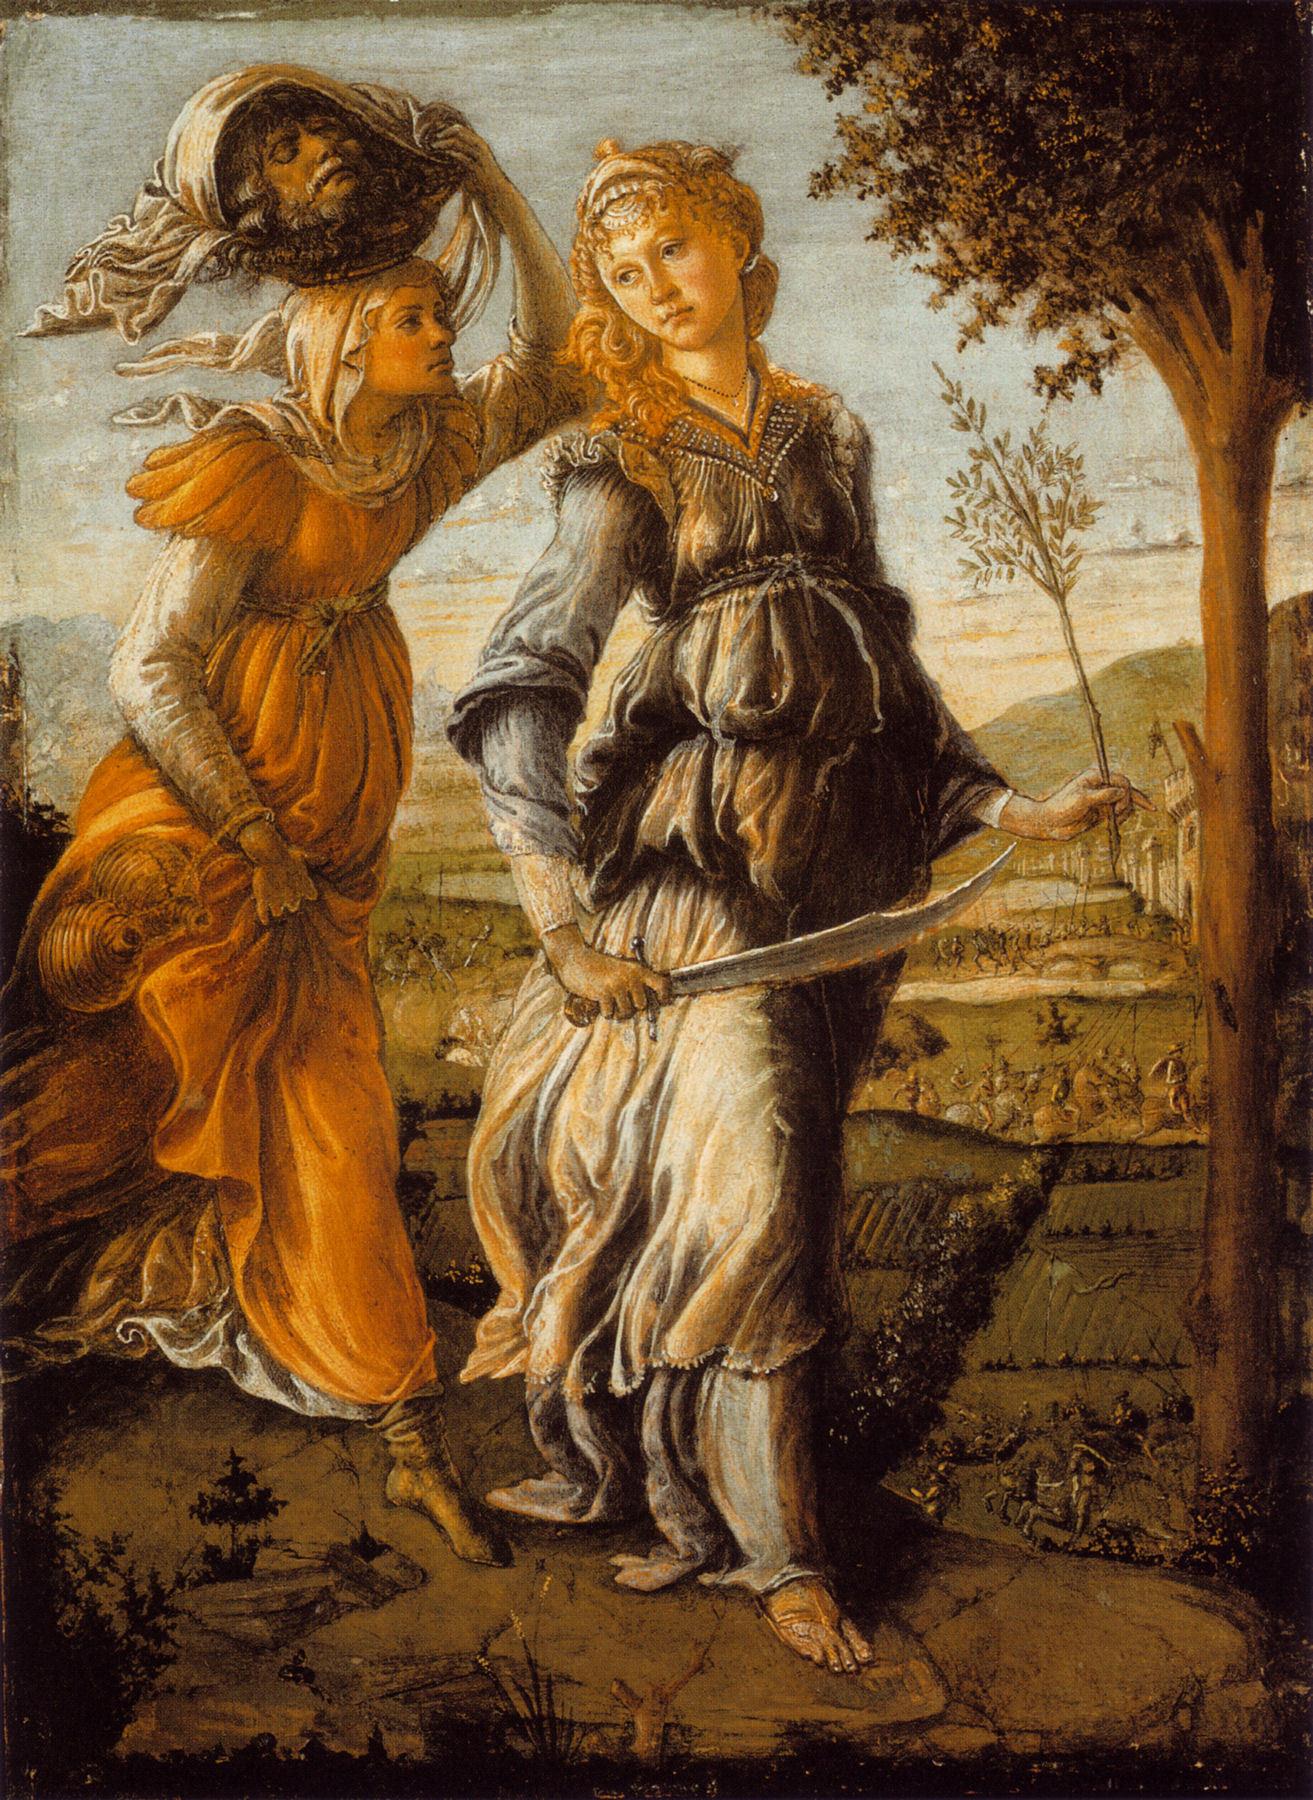 Judith'in Betülya'ya Dönüşü - Sandro Botticelli 15.yy